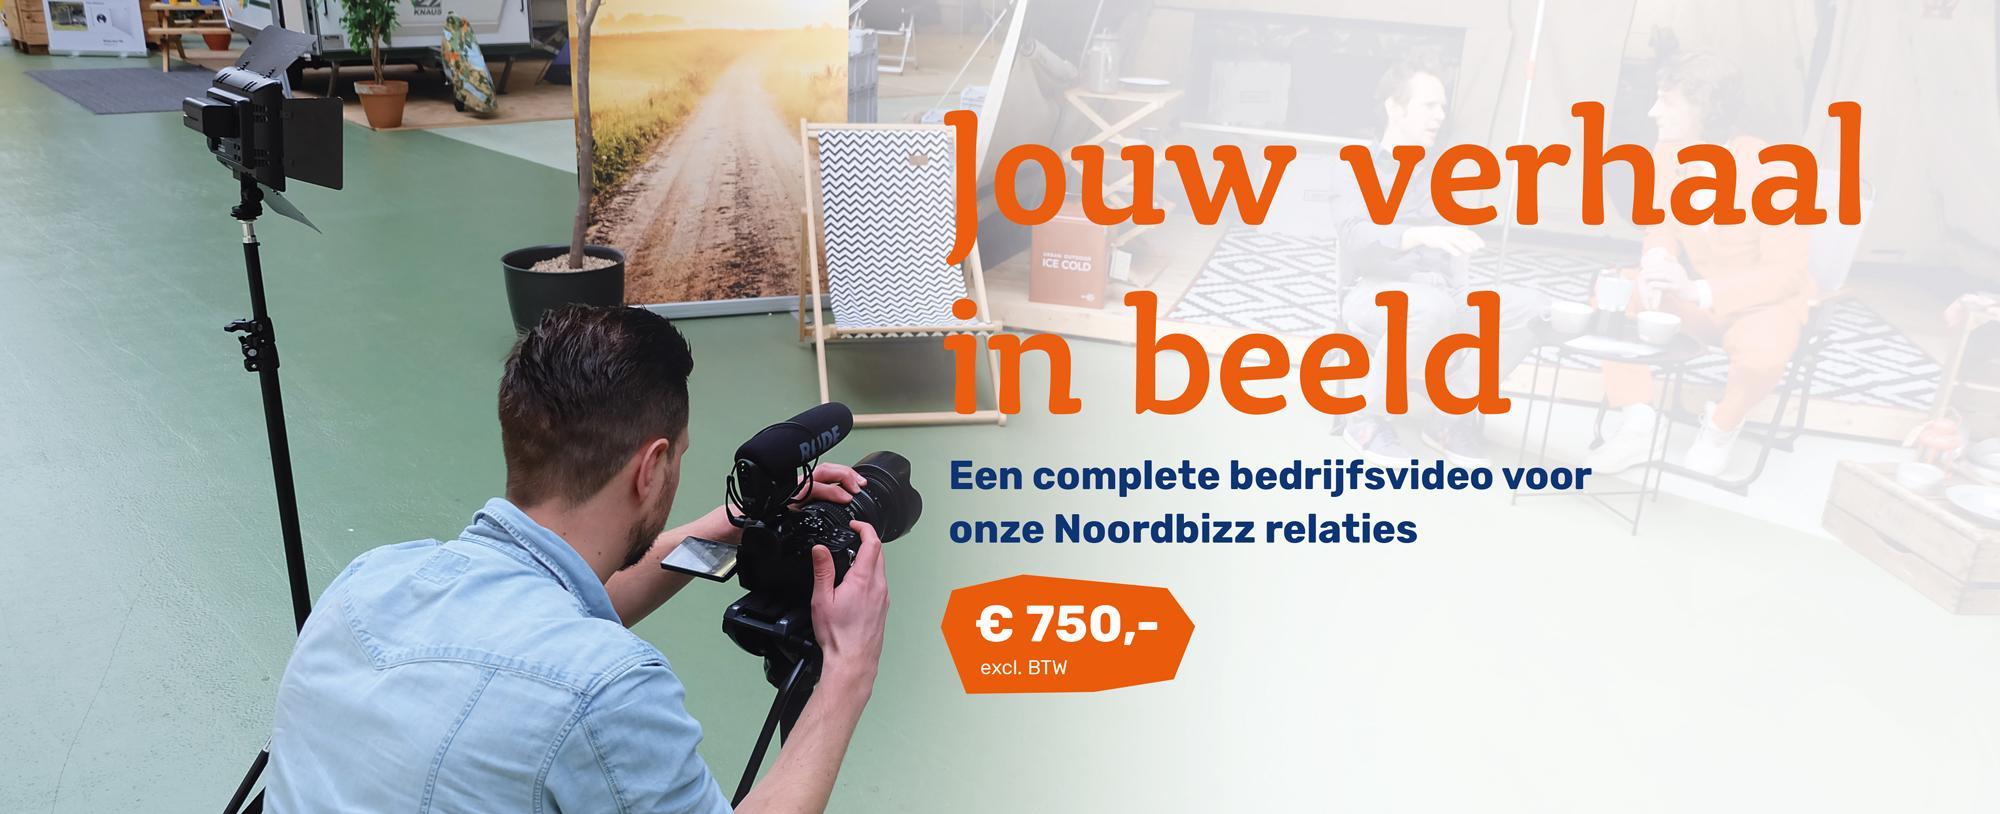 Noordbizz Video